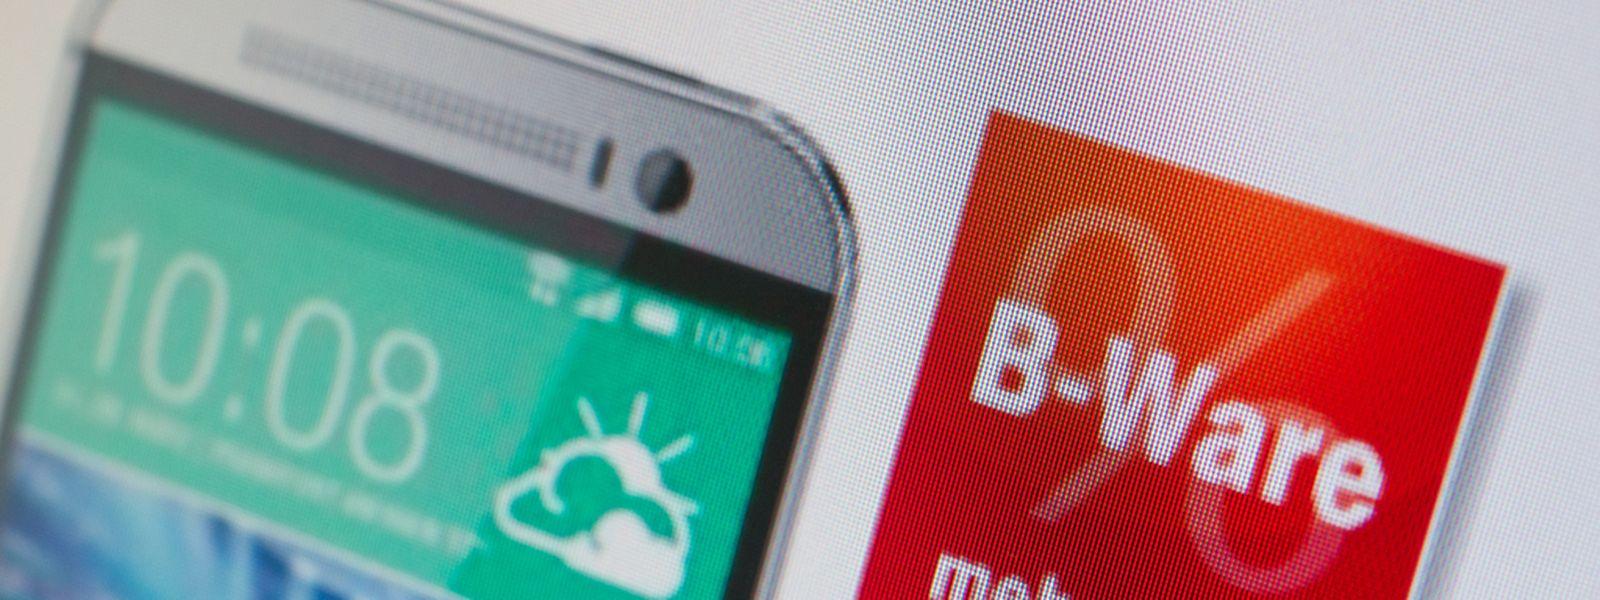 Teures Smartphone auf einmal zum Kampfpreis? Wer mit B-Ware sparen will, sollte sich vor dem Kauf gut informieren.